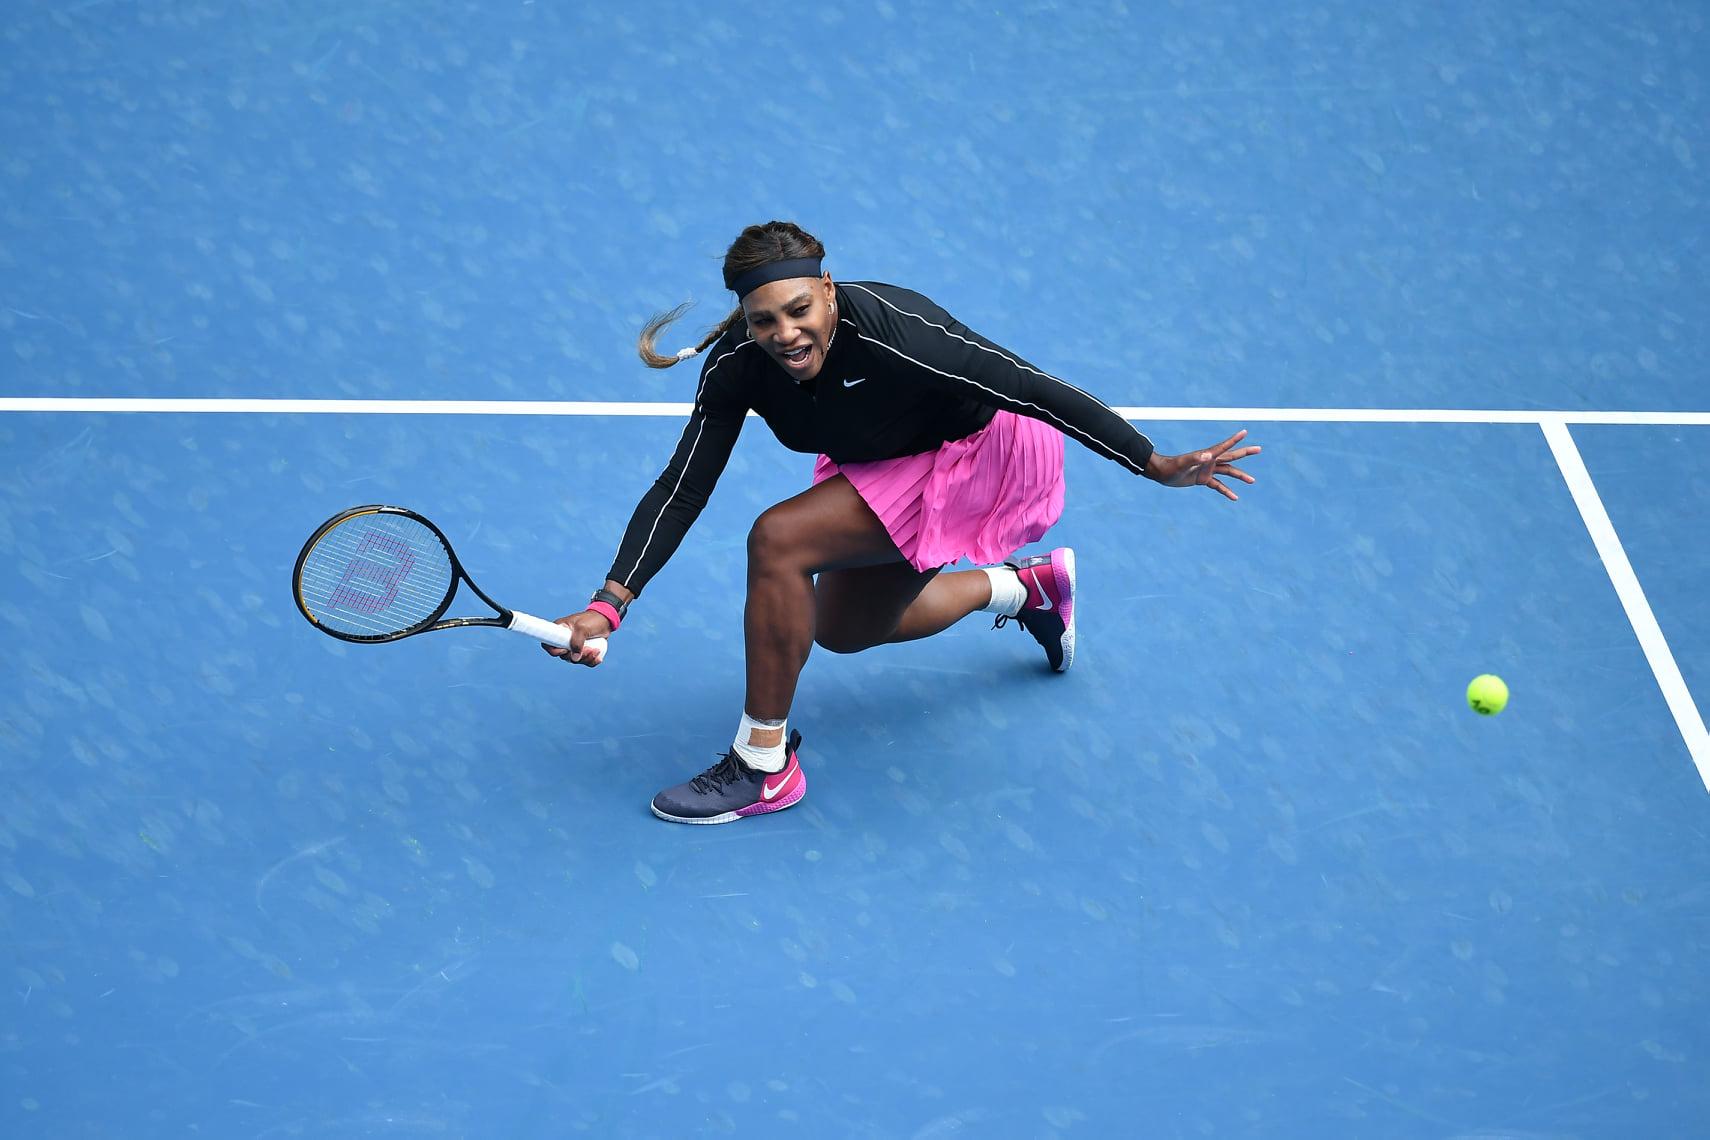 Serena Williams Foto Patrick Mouratoglou FB 2 - Serena Williams mora na operacijo; Američanka odpovedala nastop v Miamiju